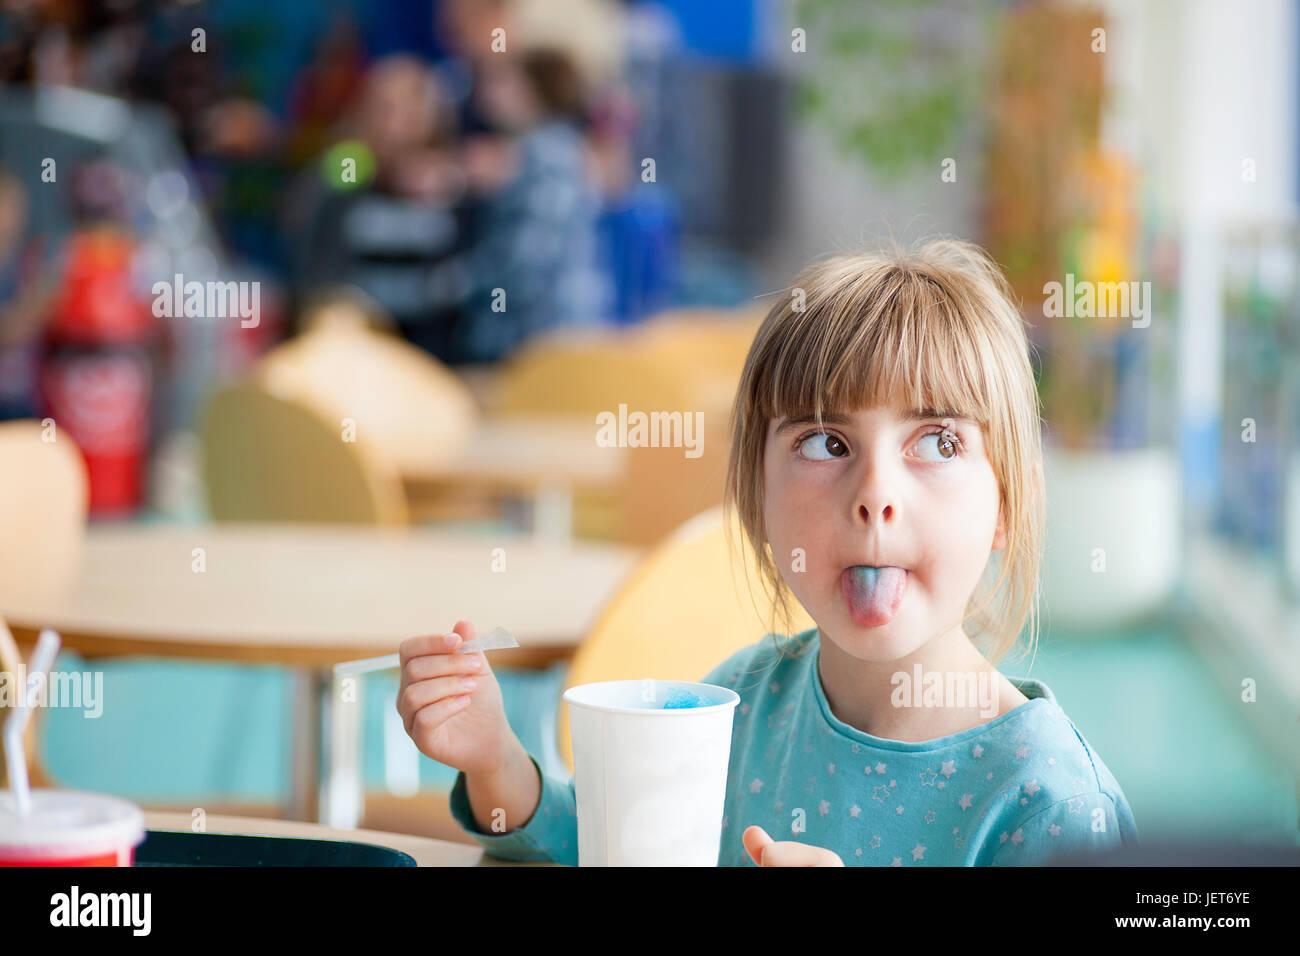 Carina ragazza bionda grippaggio o di dover praticare la lingua di fuori con blue granita in illuminate di luce Immagini Stock